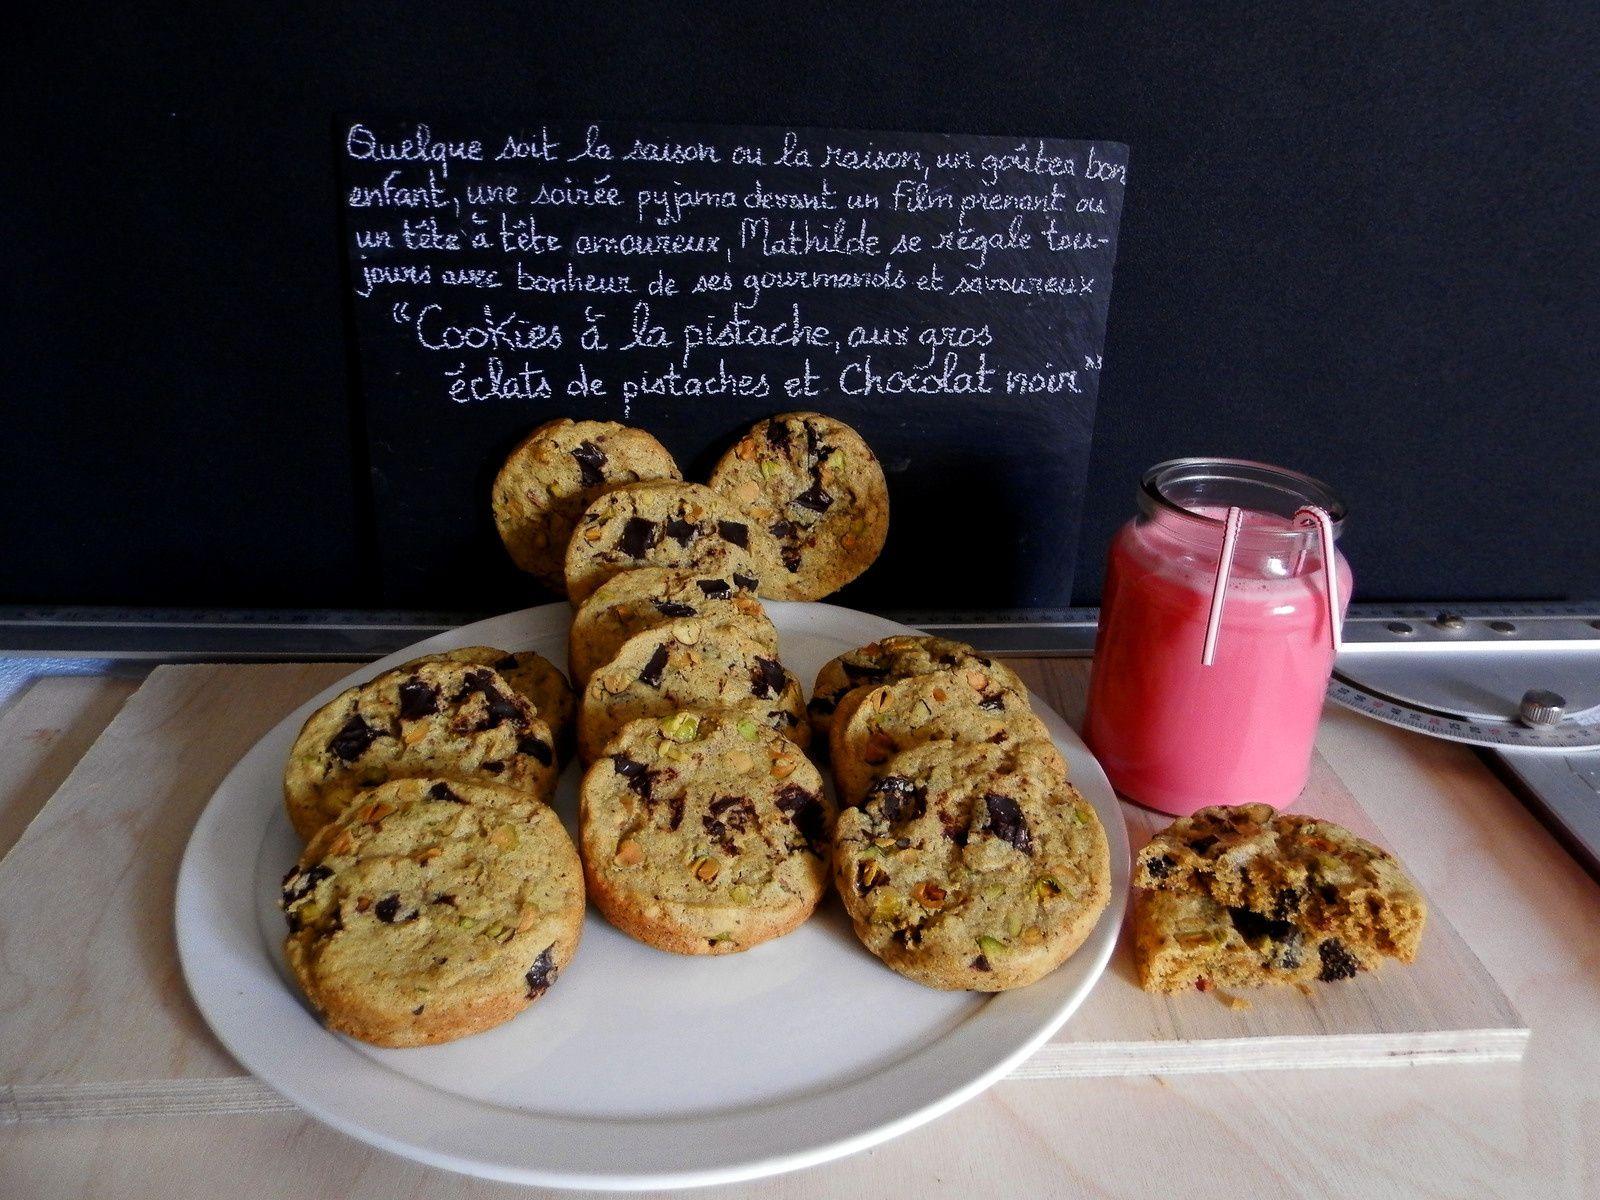 Cookies à la pistache aux gros éclats de pistaches et chocolat noir version Mathilde